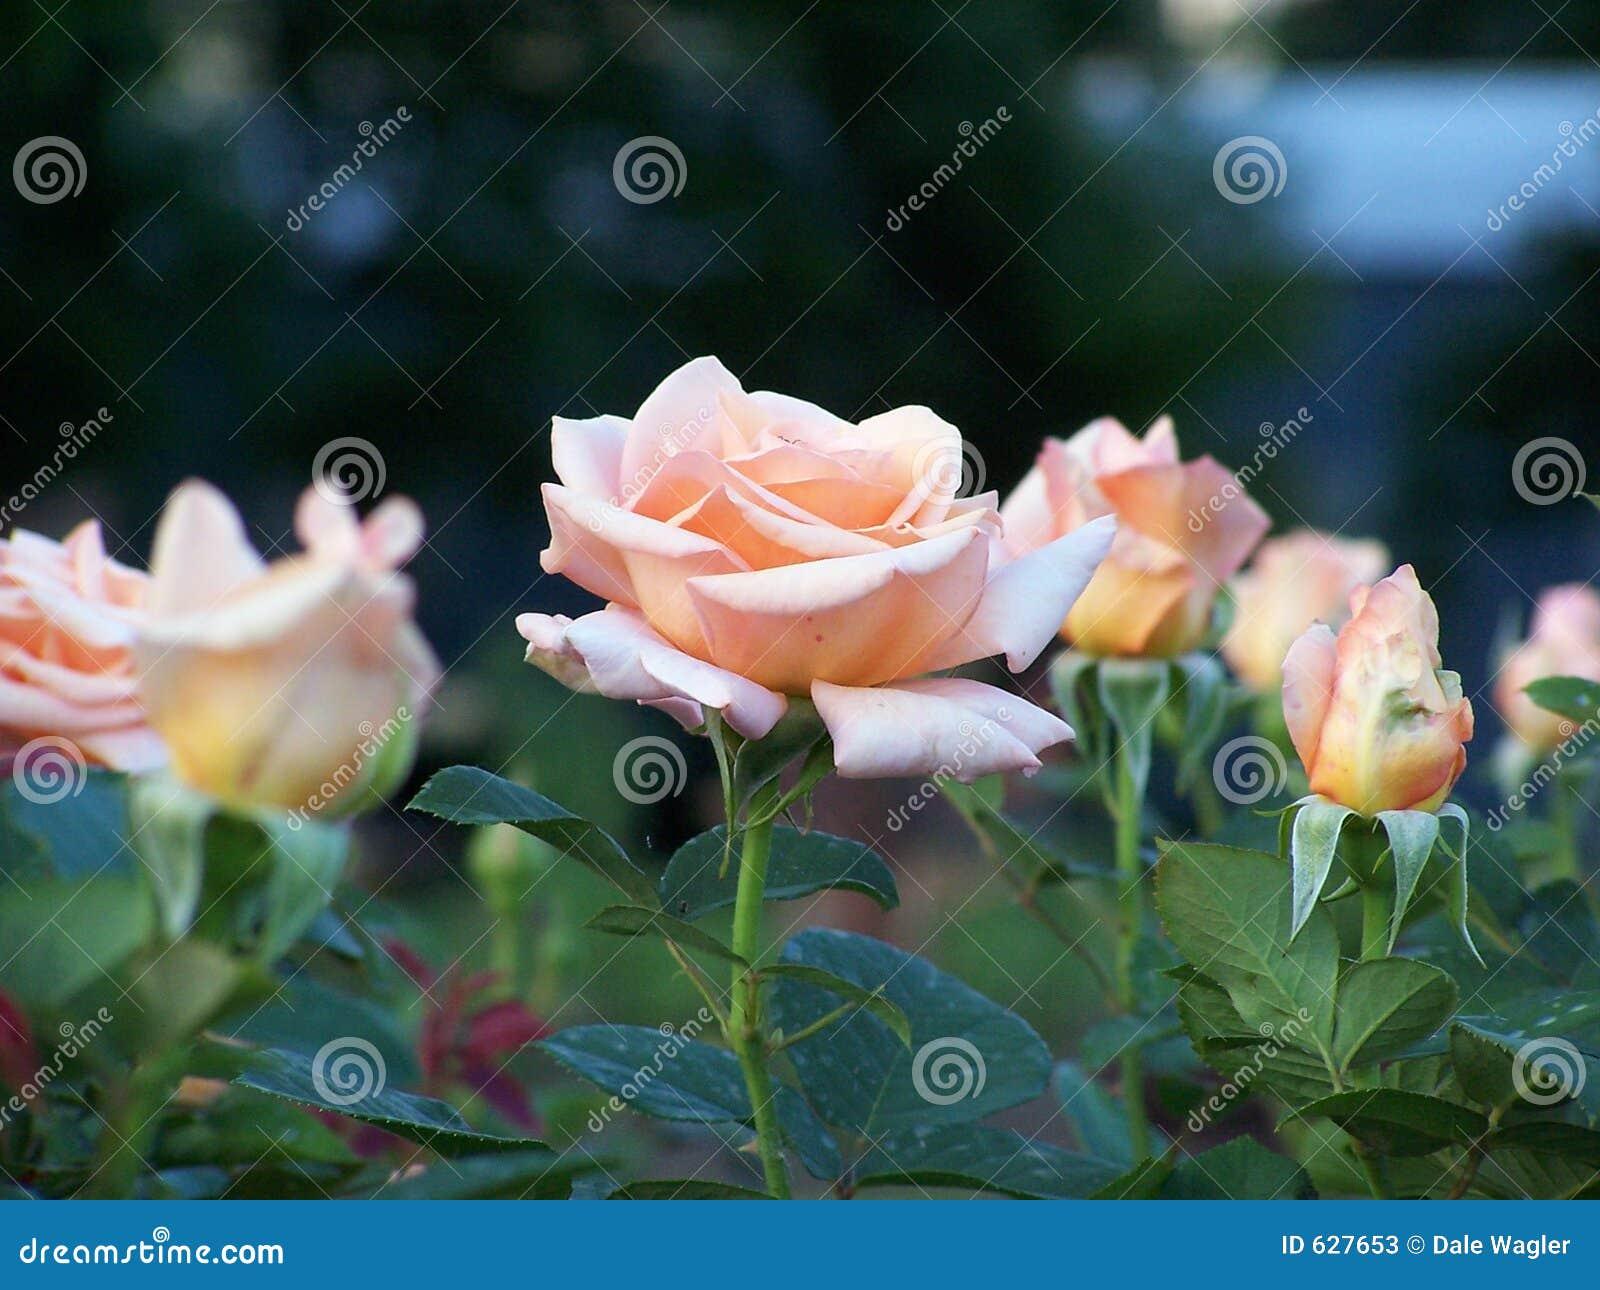 Jardim De Rosas Corderosa Fotos de Stock  Imagem 627653